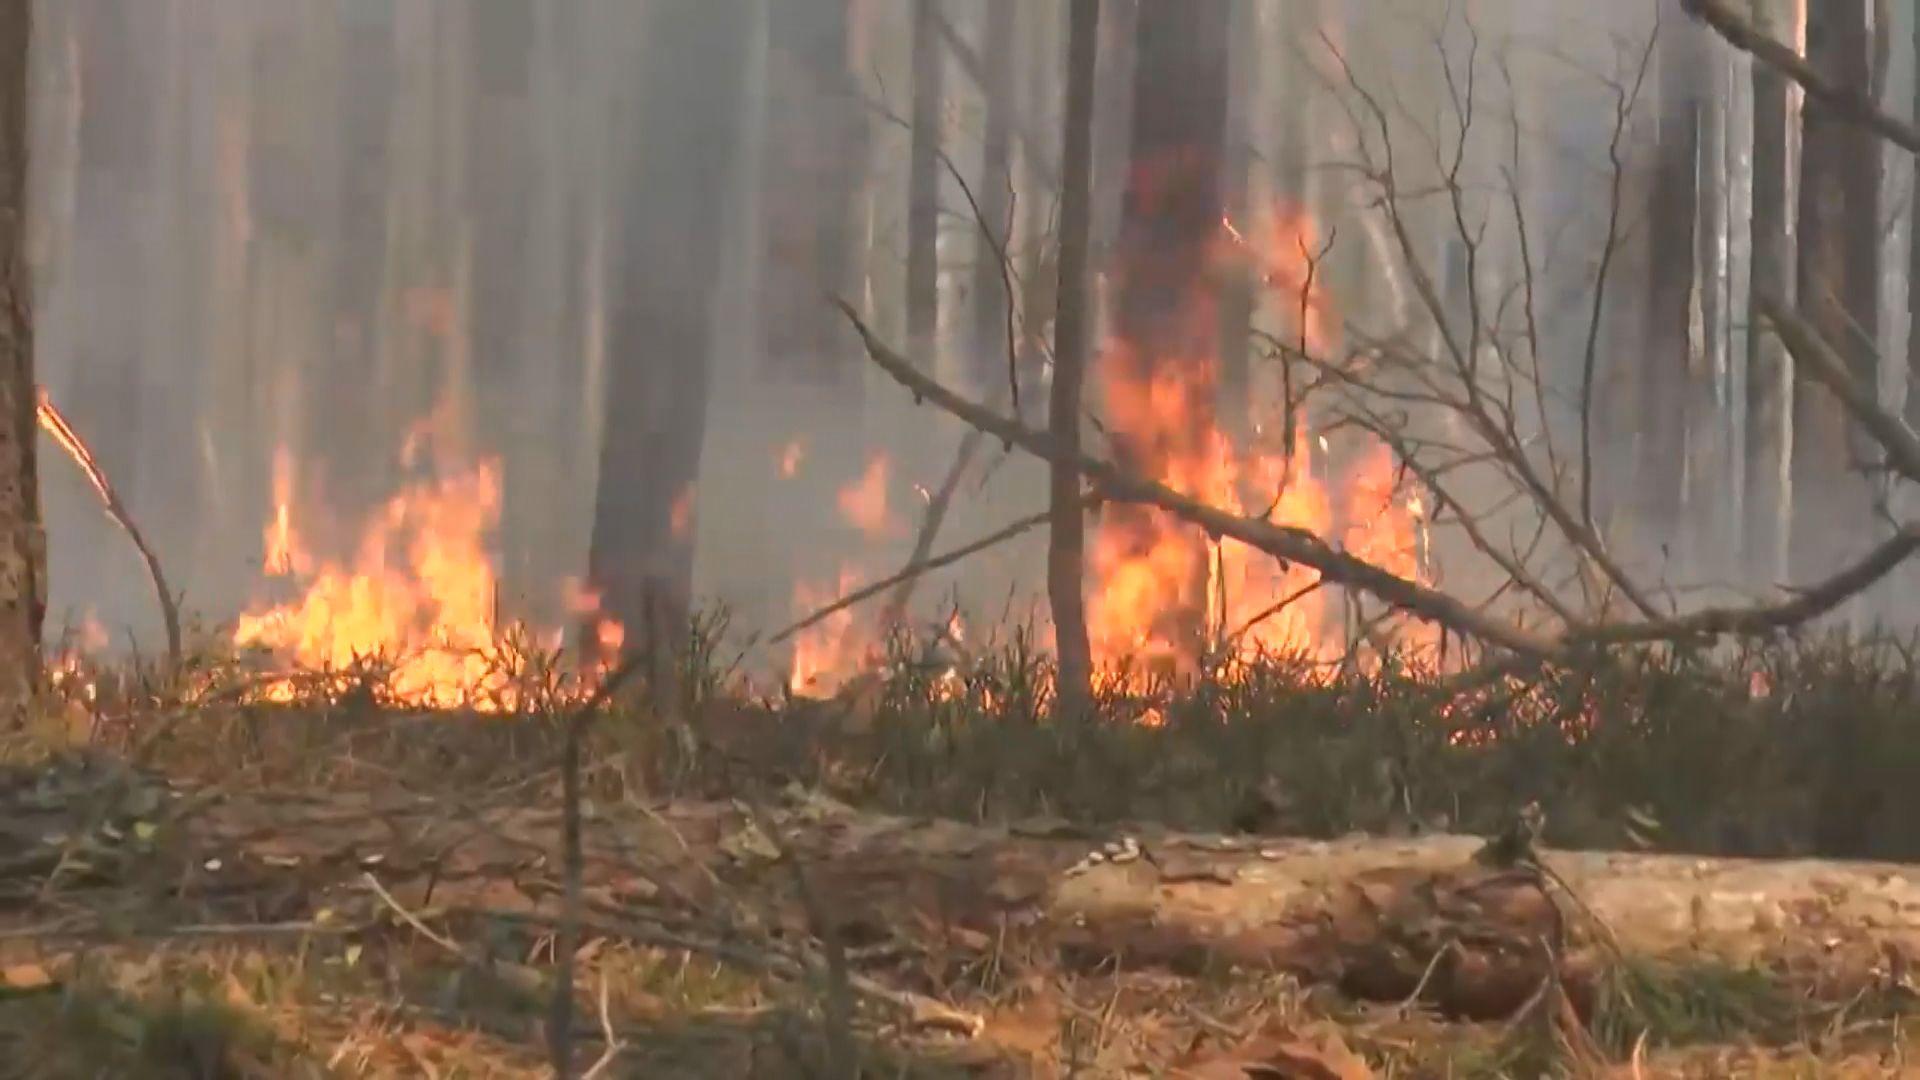 【環球薈報】烏克蘭森林大火蔓延至核電廠禁區